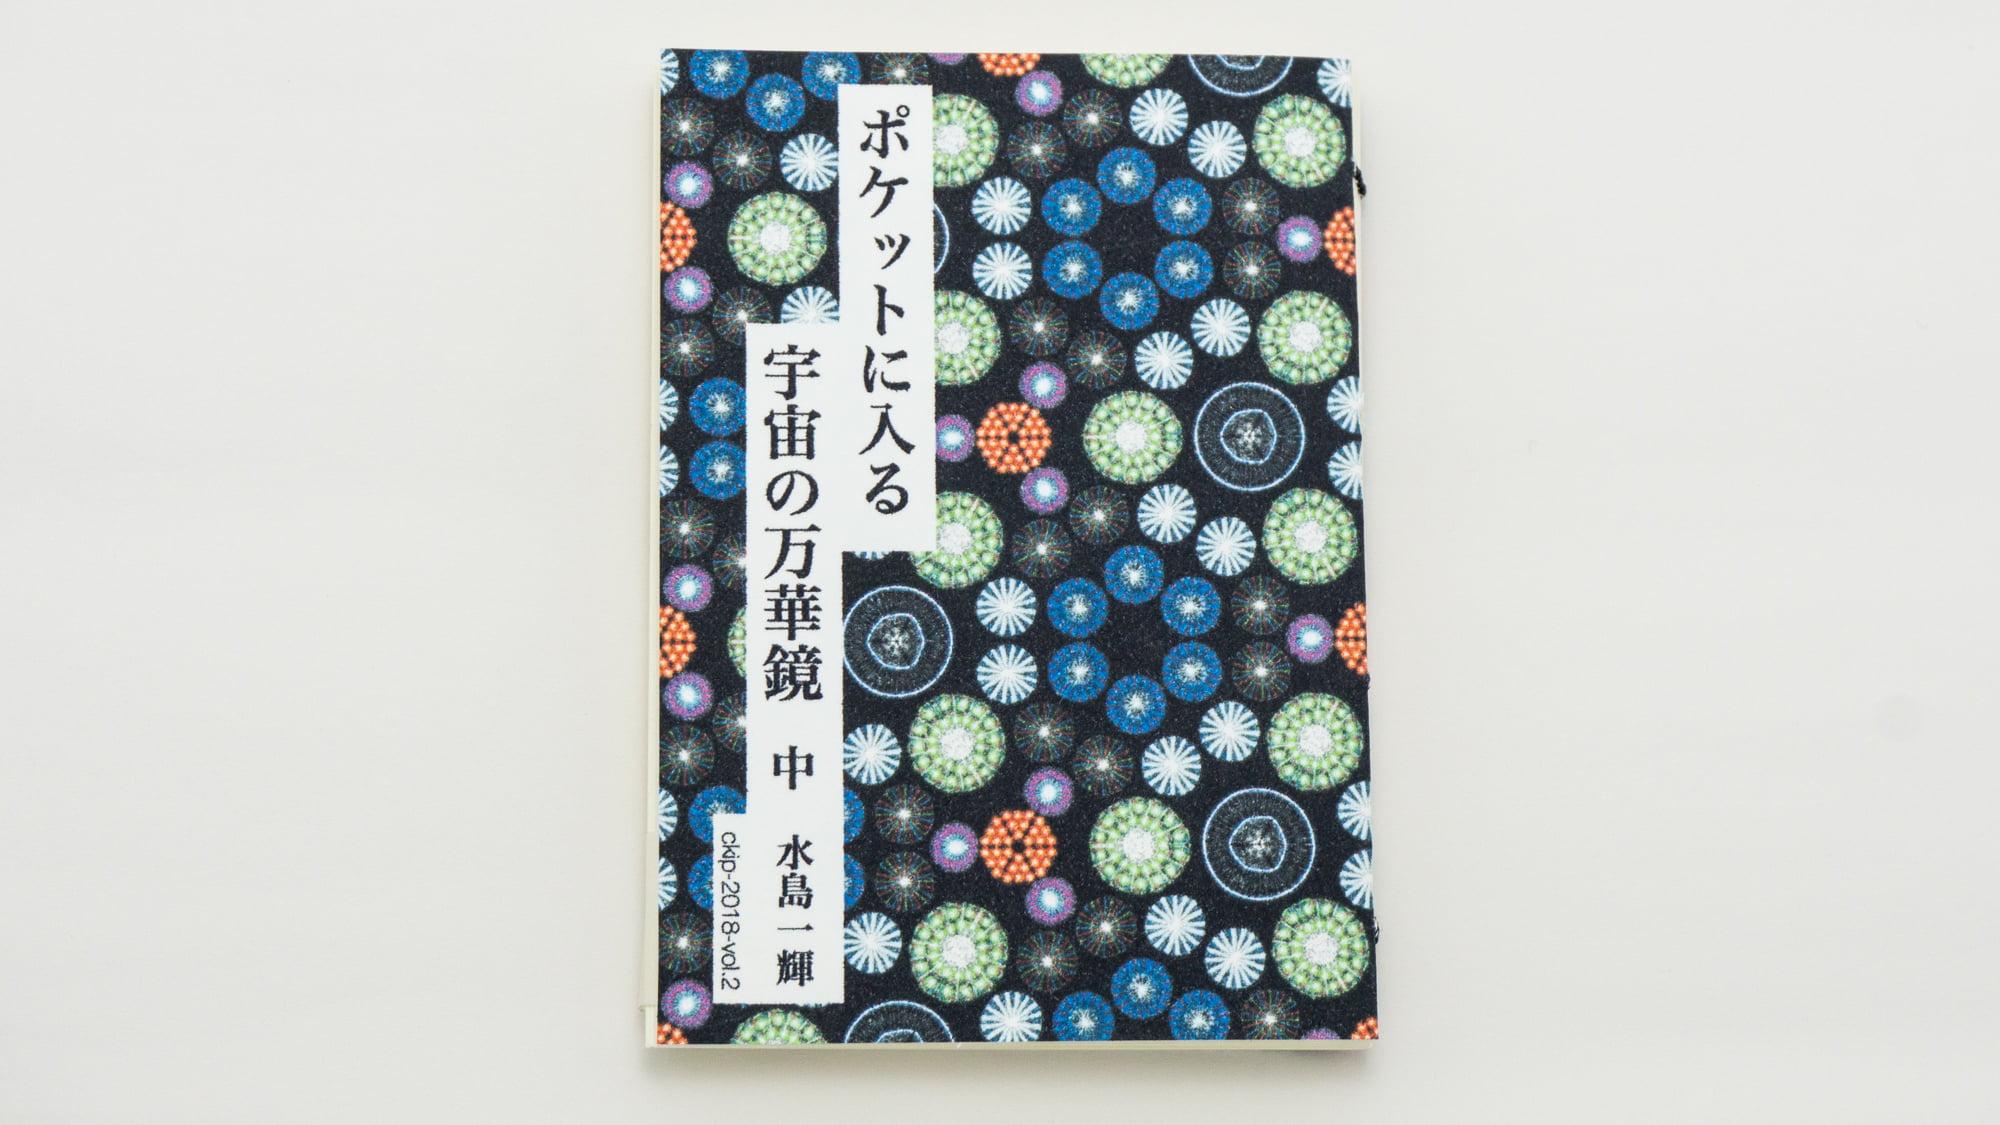 手製本ポケットに入る宇宙の万華鏡 中 ckip-2018-vol.2